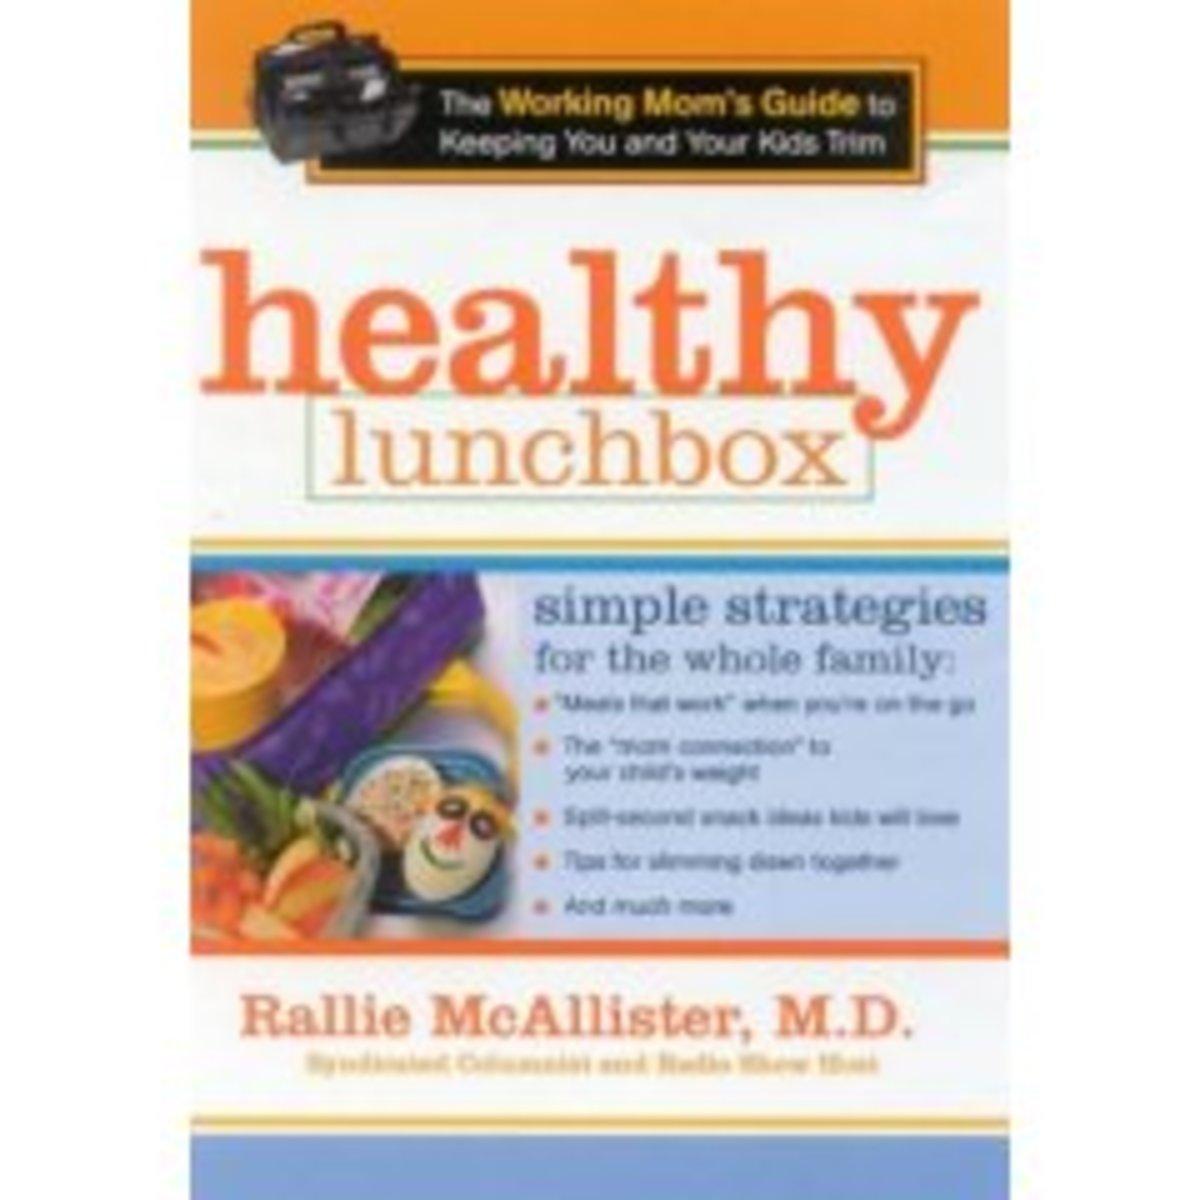 healthy-lunchbox1